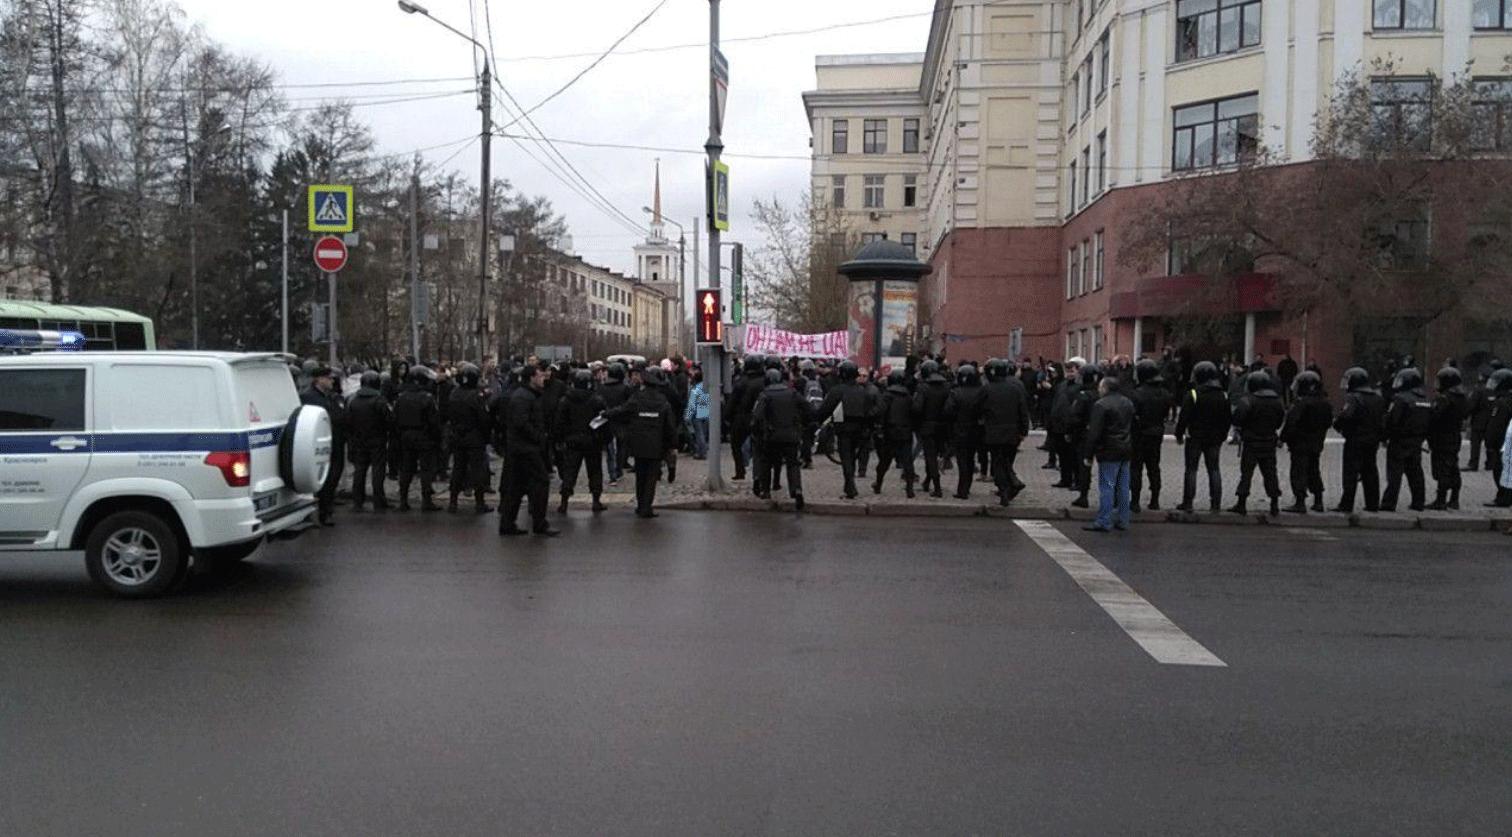 «Оннам нецарь»: в Российской Федерации проходят акции приверженцев Навального